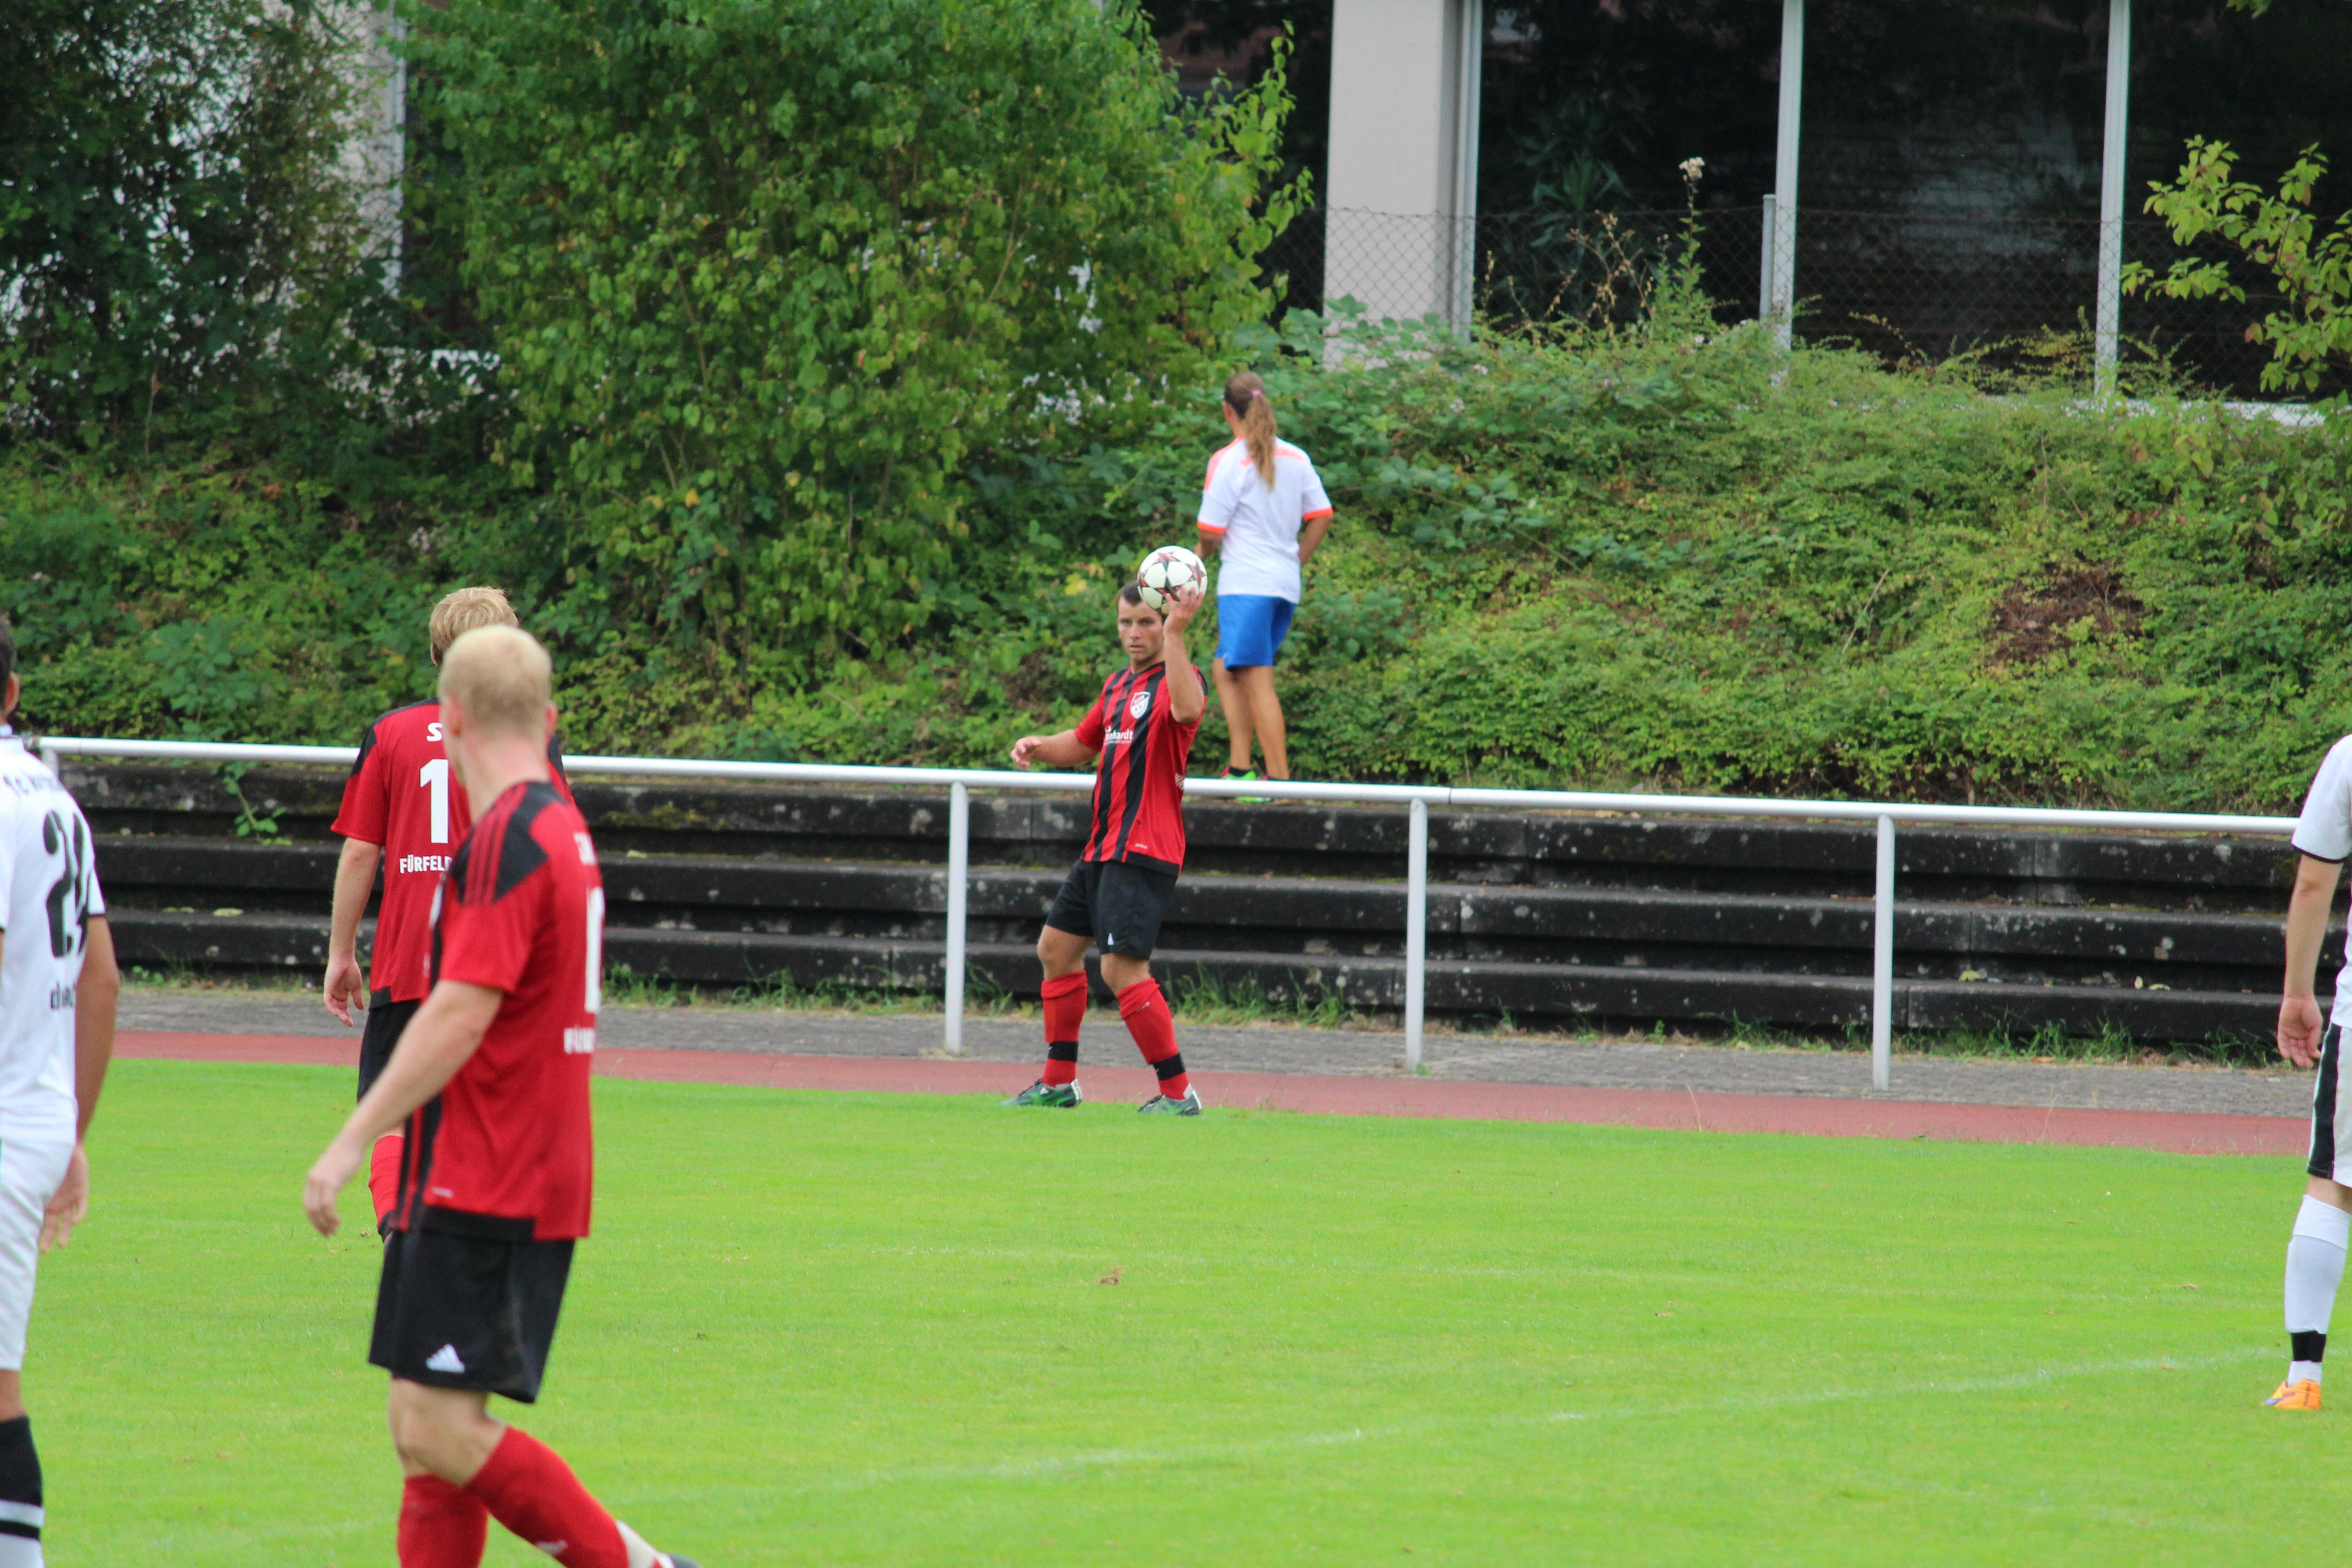 16-17-hin-kirchhausen-36